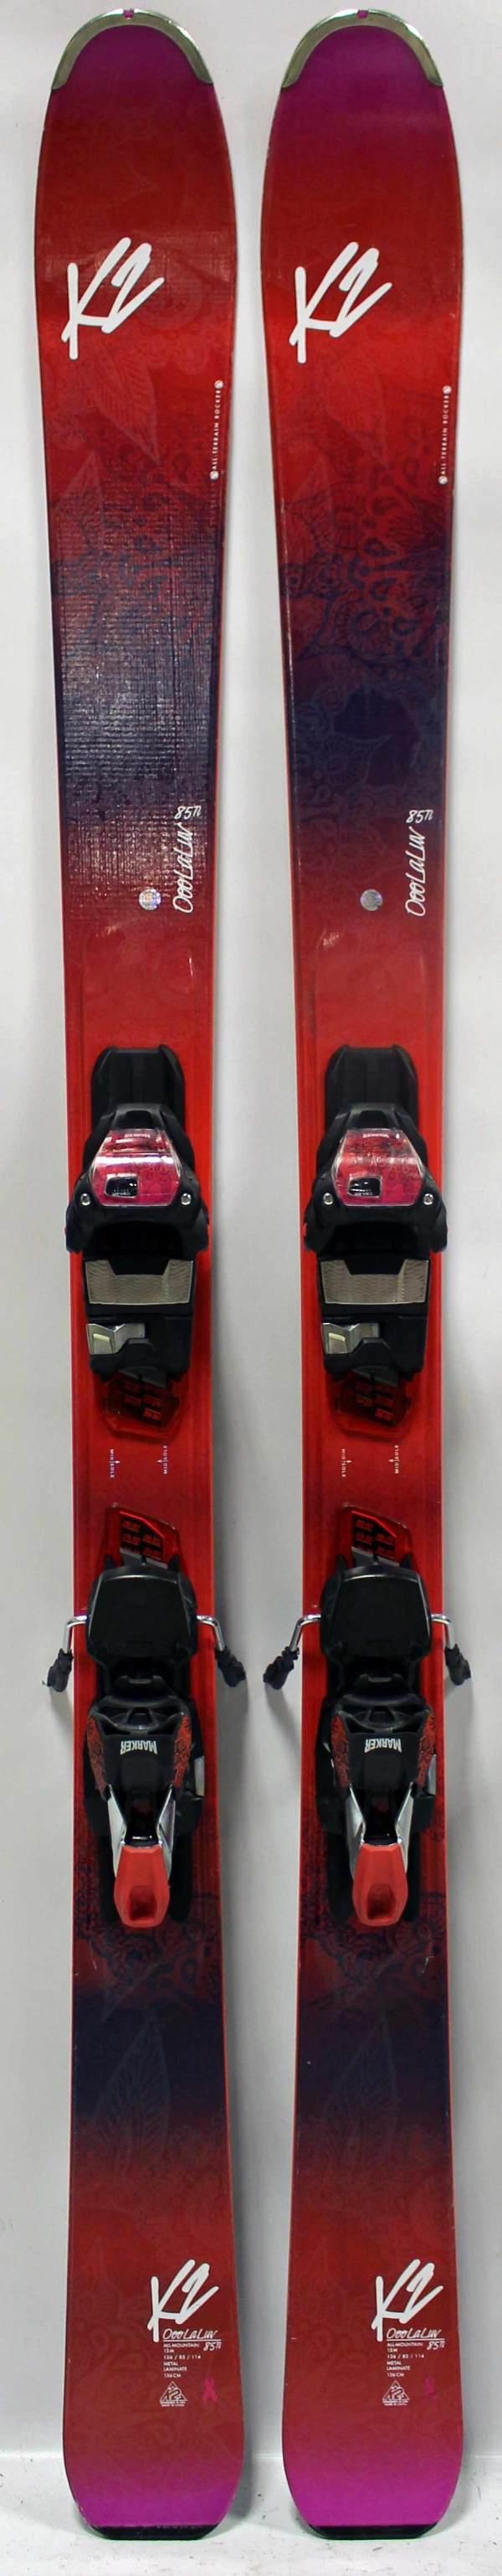 K2 Ooolaluv 85 Ti Women' Skis Powder7 Ski